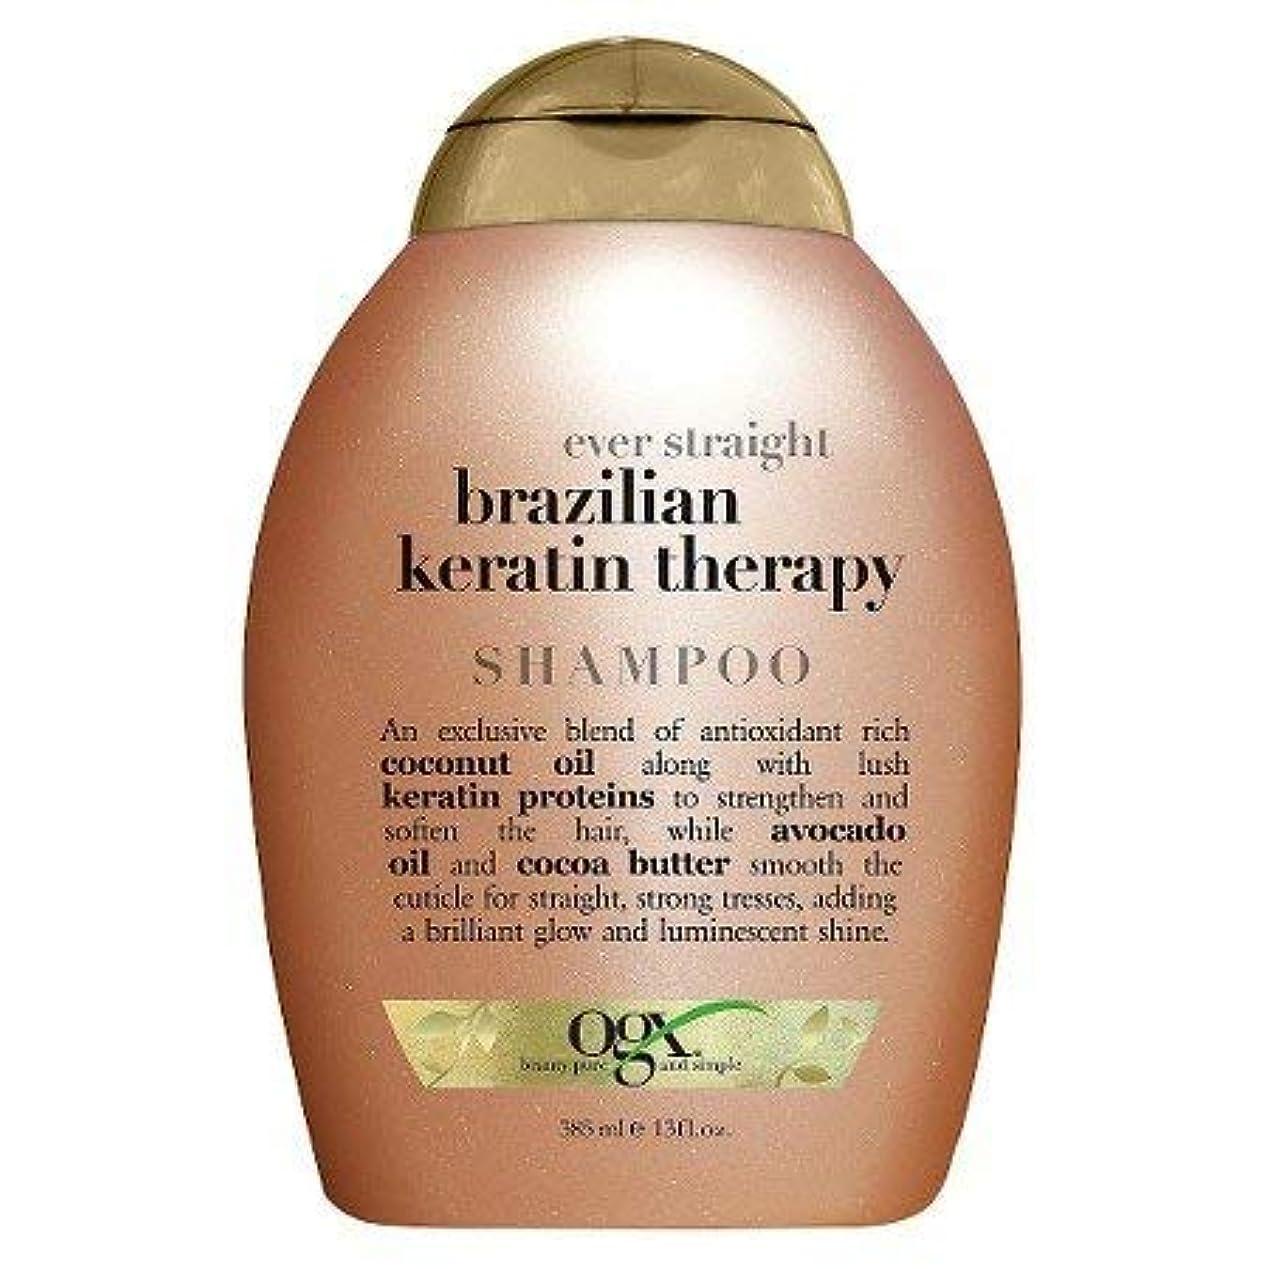 書誌宅配便休憩OGX Ever Straight Sulfate & Sodium Free Brazilian Keratin Therapy Shampoo 360ml エヴァーストレートブラジルケラチンセラピーシャンプーシャンプー...